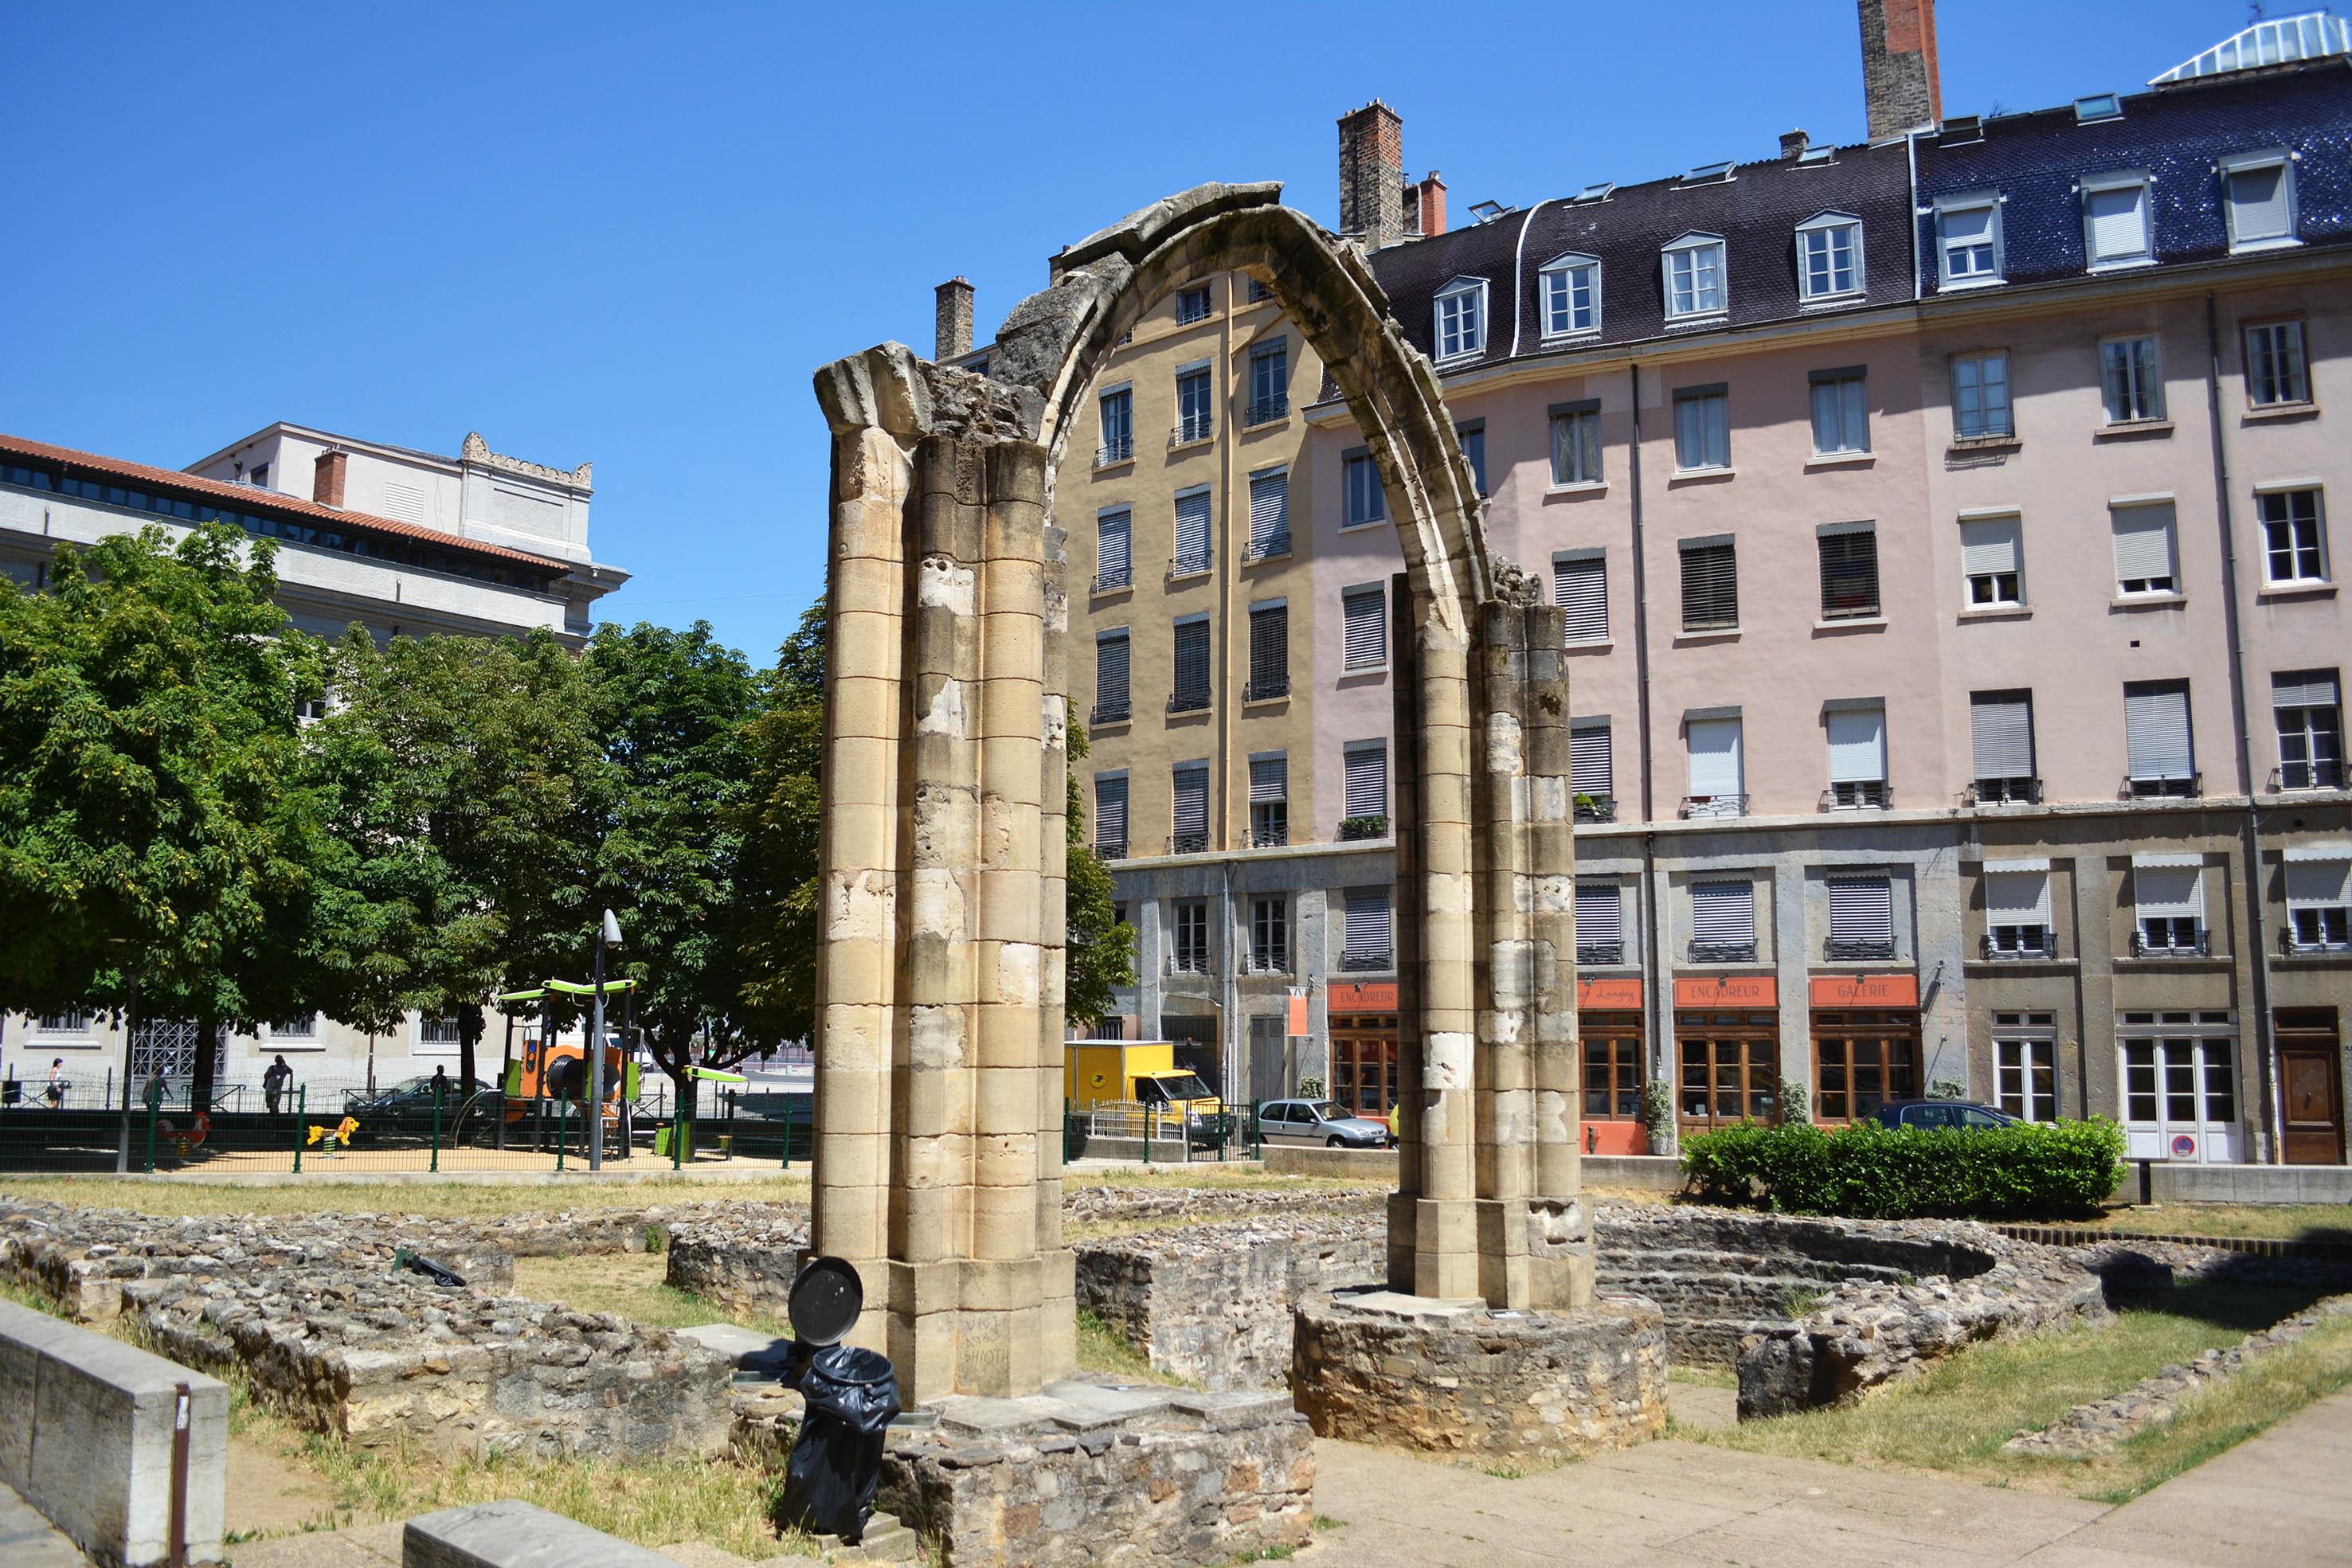 St. Jean - Lyon